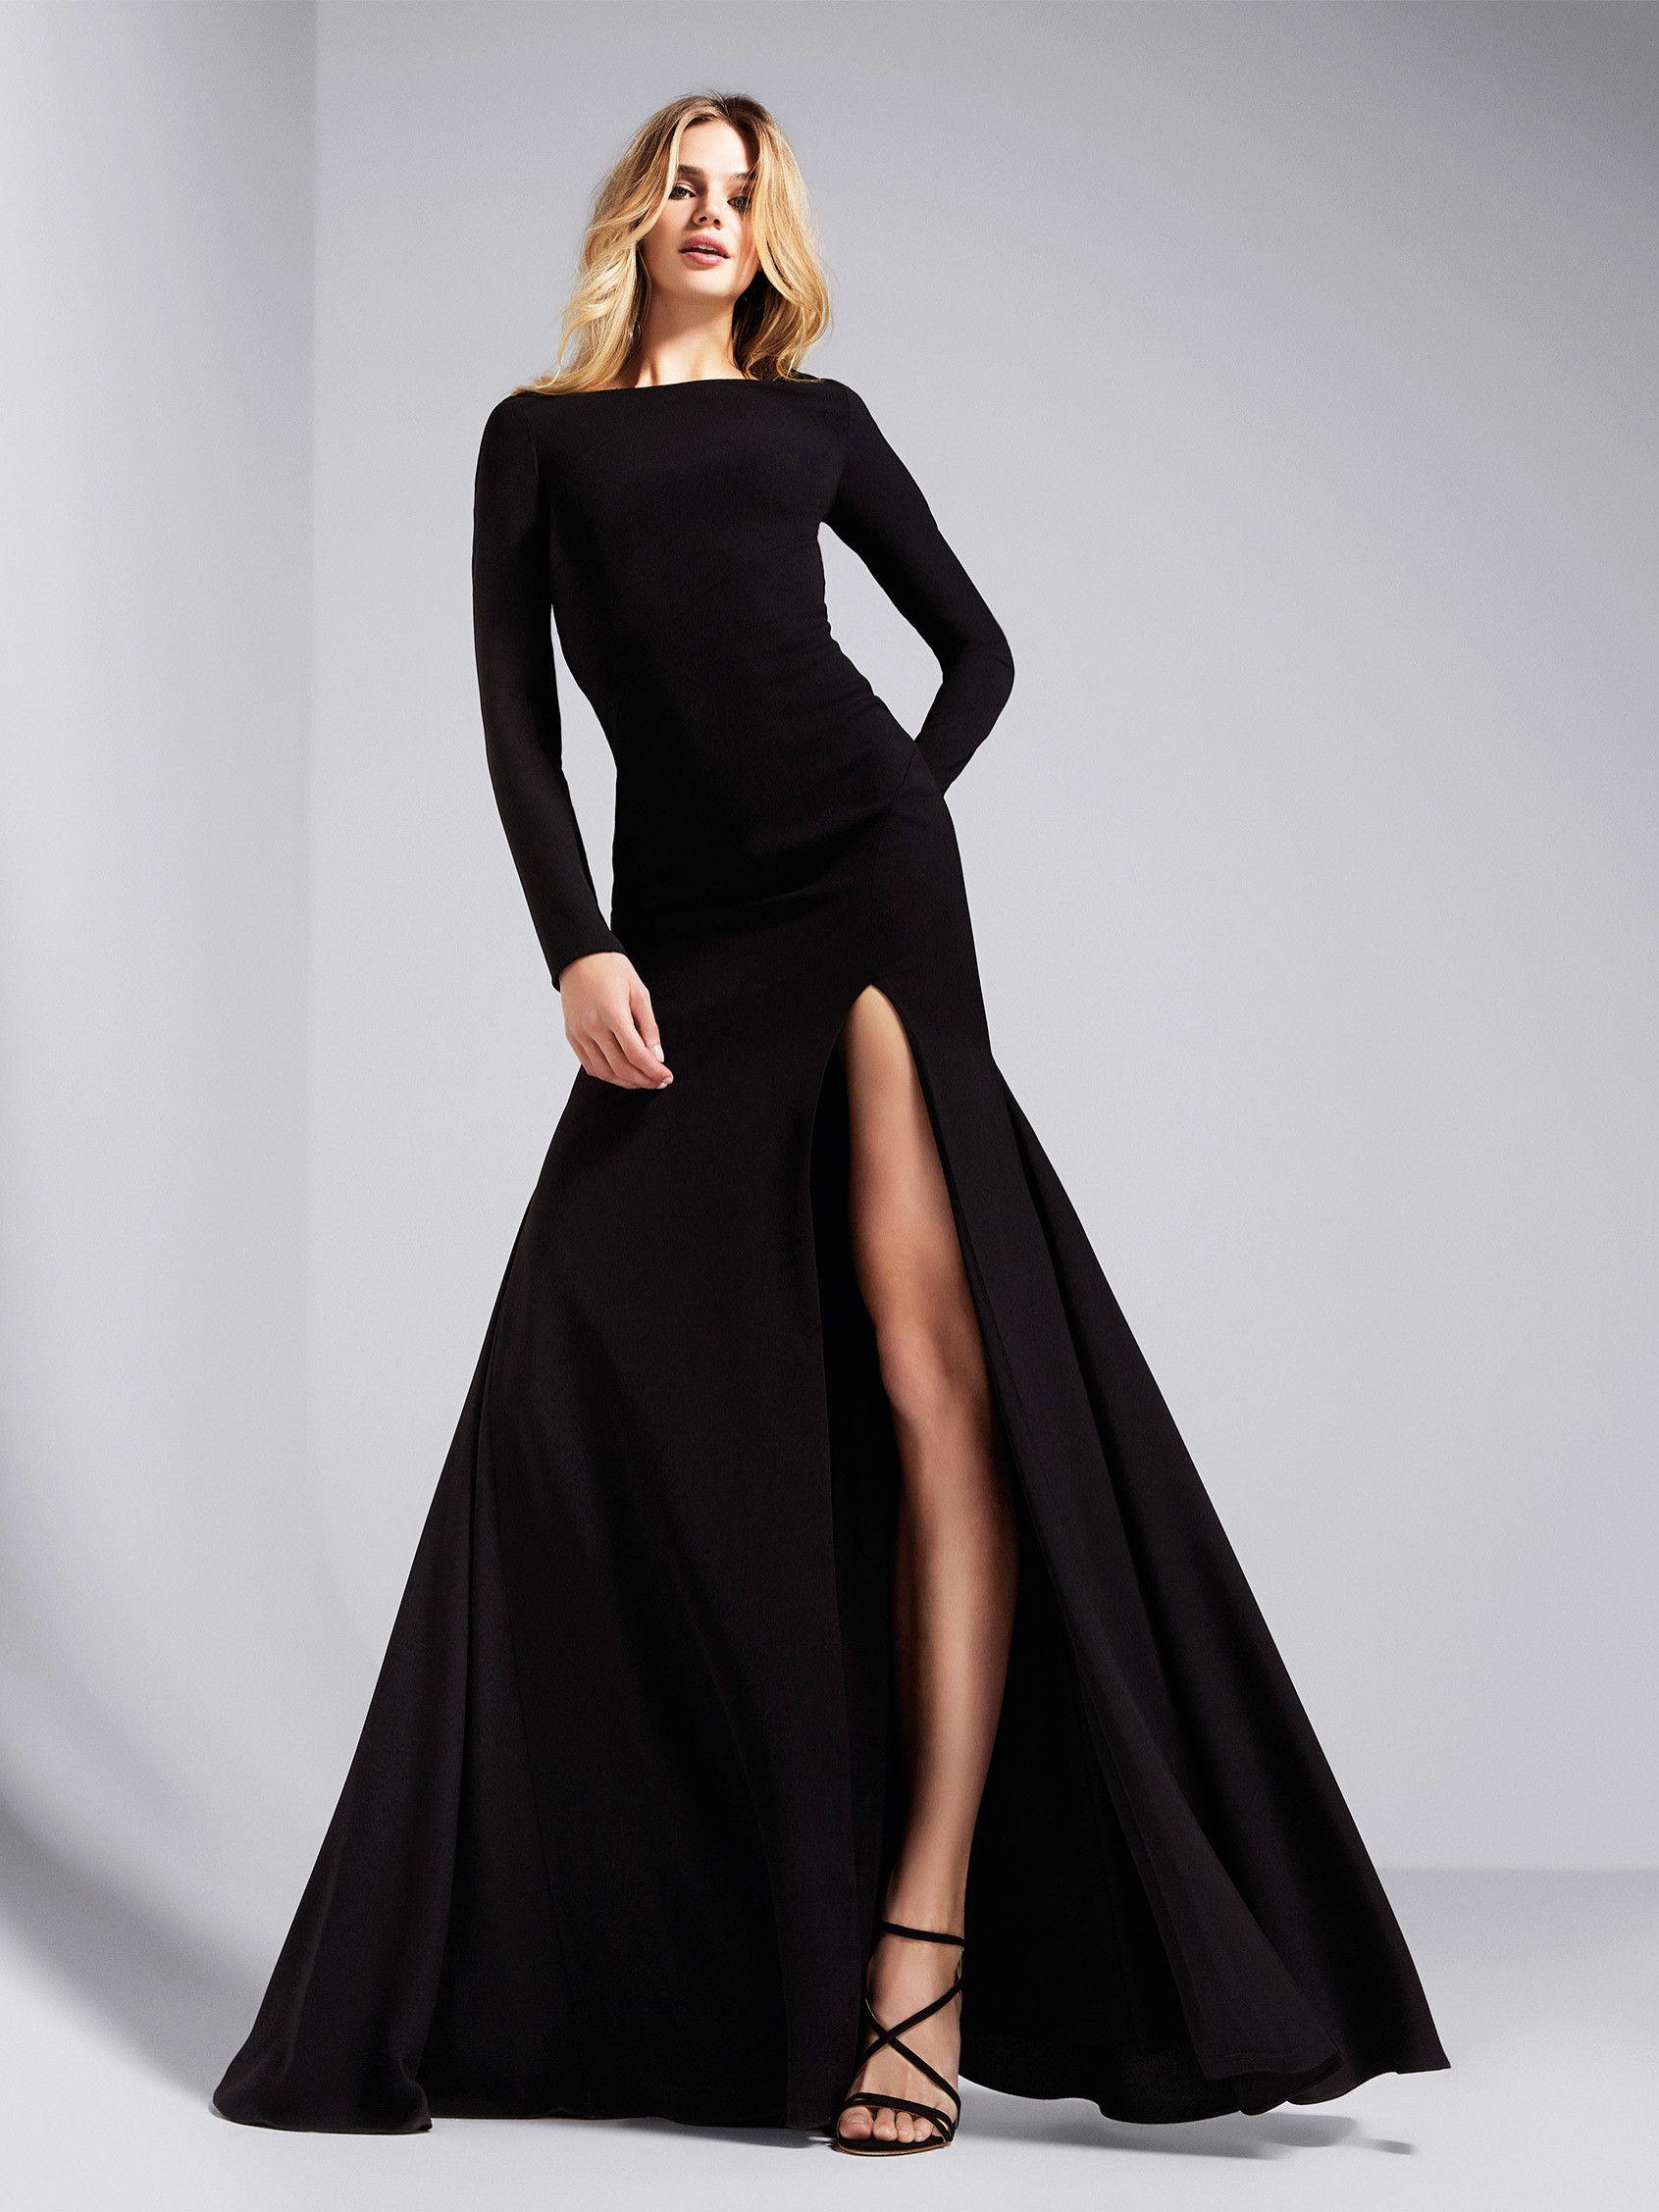 Vestido de festa muito sexy preto | Eu amo | Pinterest | Sexy ...